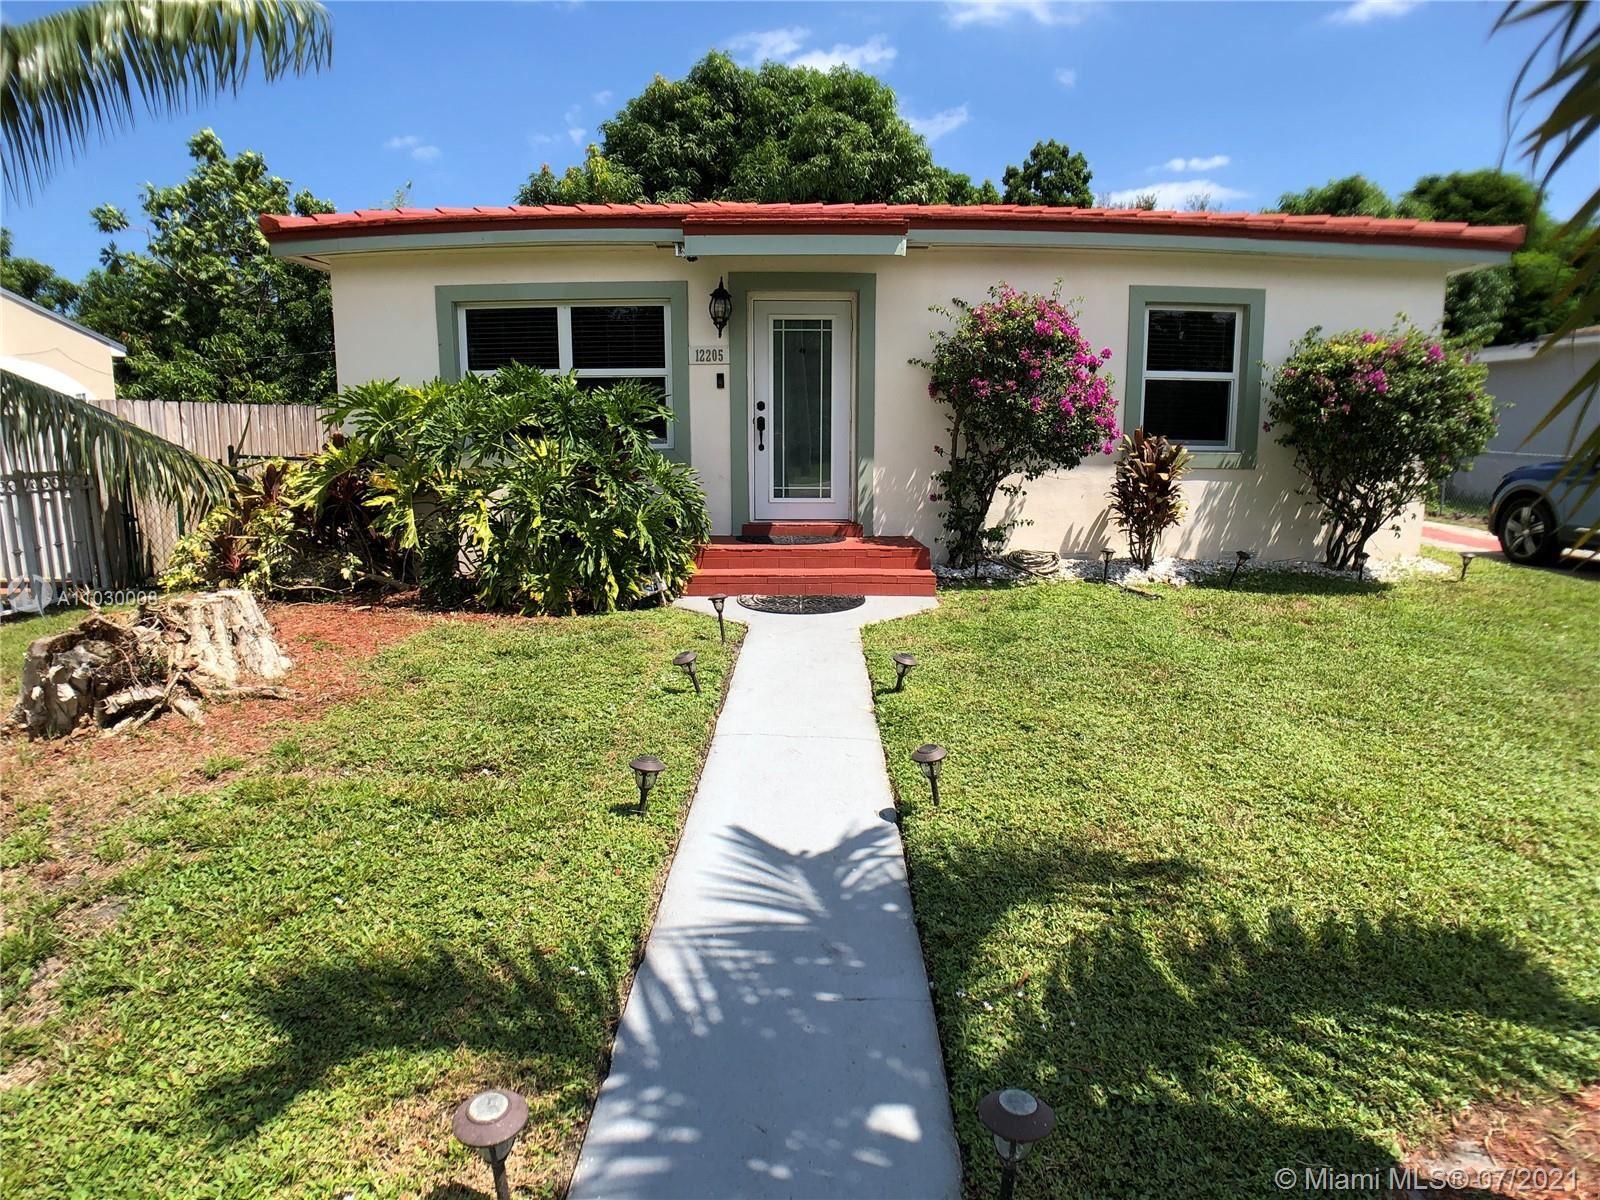 12205 NE 11th Ct, North Miami, FL 33161 - #: A11030008